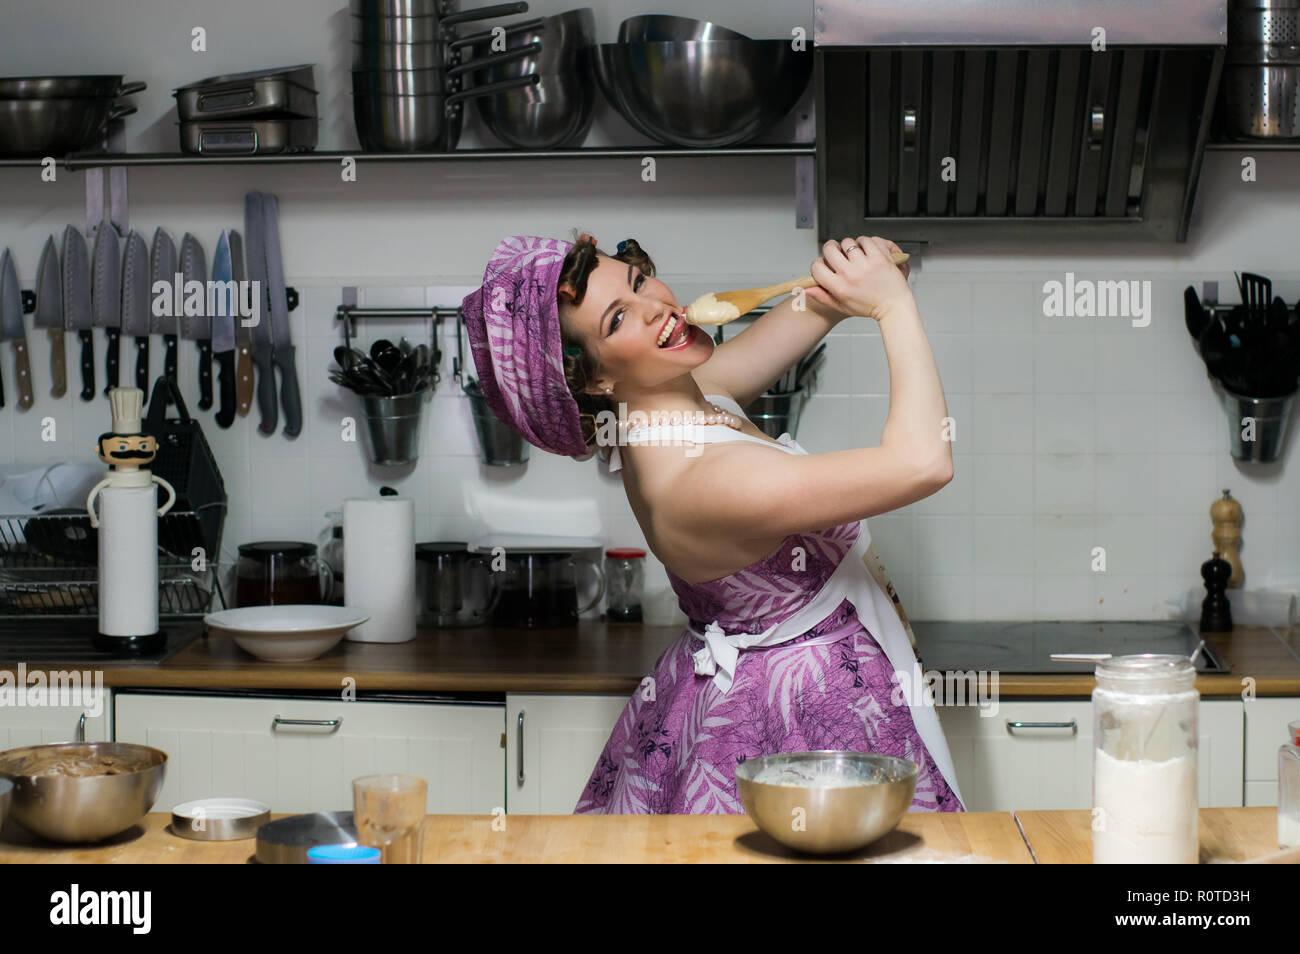 Belle fille de cuisiniers dans la cuisine, la crème sur cuillère en bois, près de l'embouchure, ressemble à l'appareil photo Photo Stock